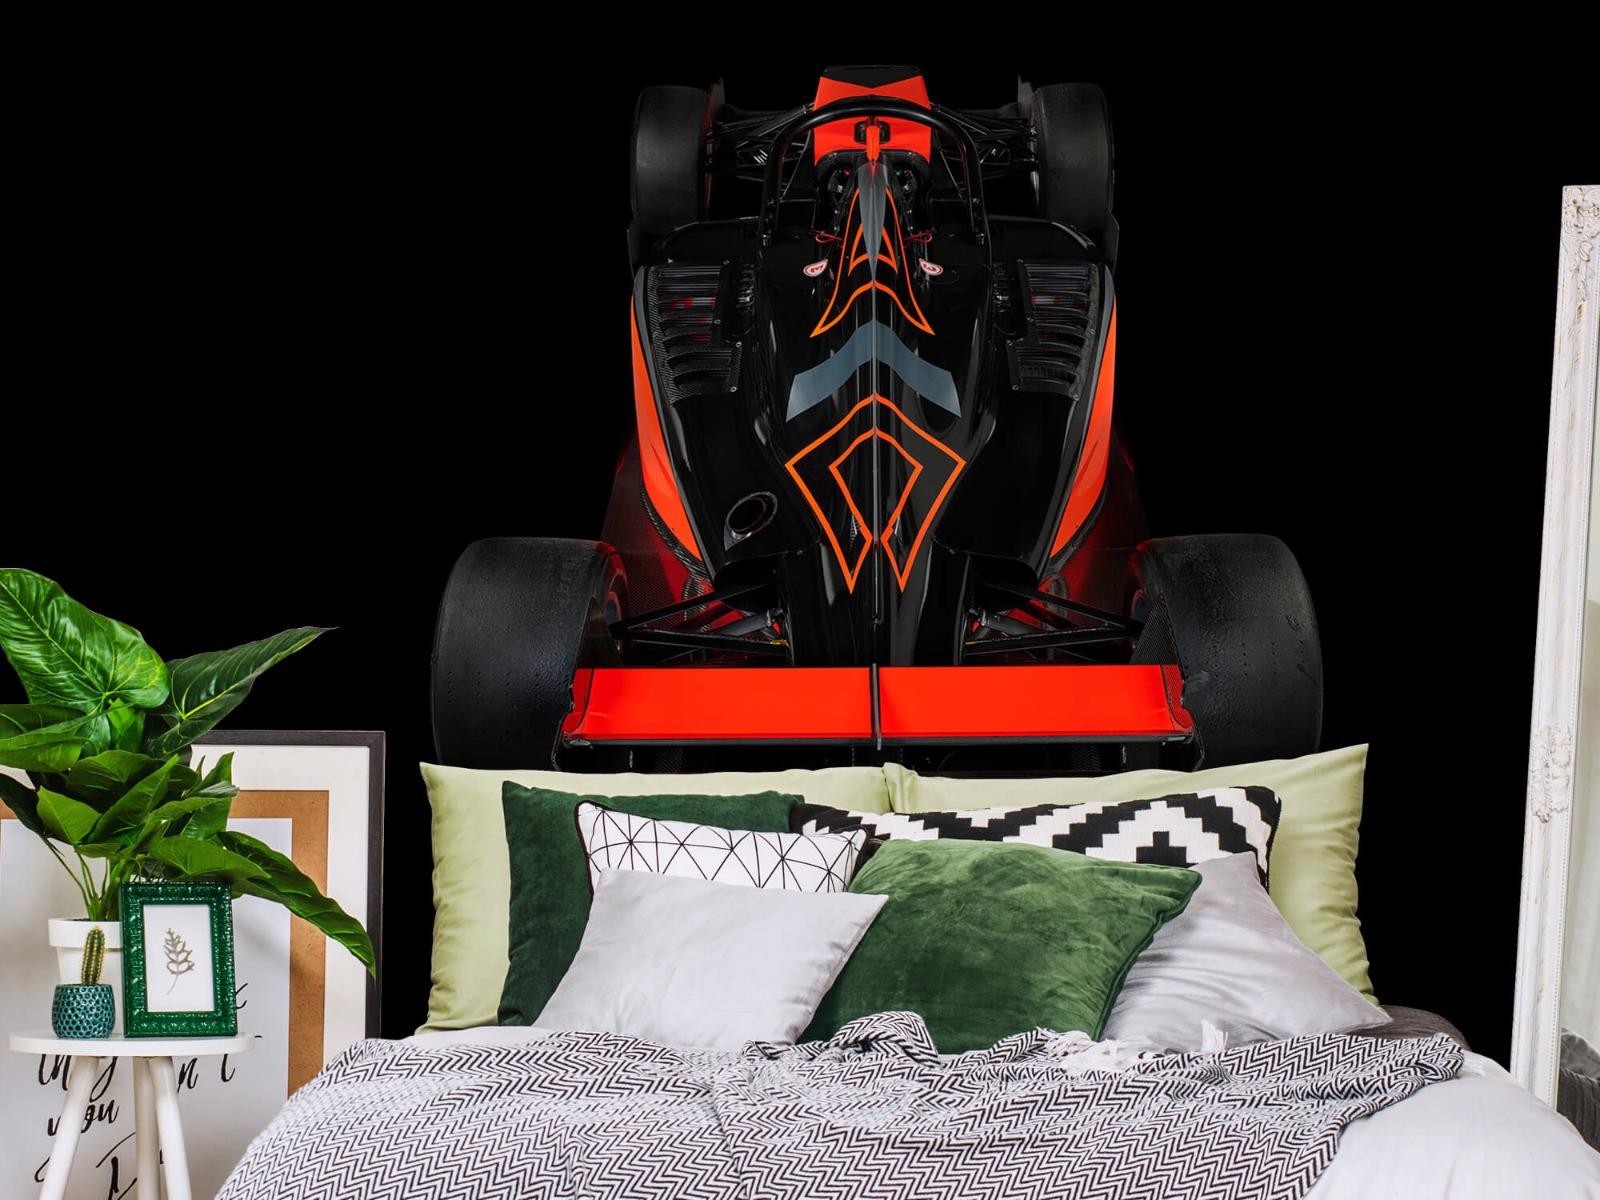 Sportauto's - Formule 3 - Rear view - dark - Tienerkamer 12